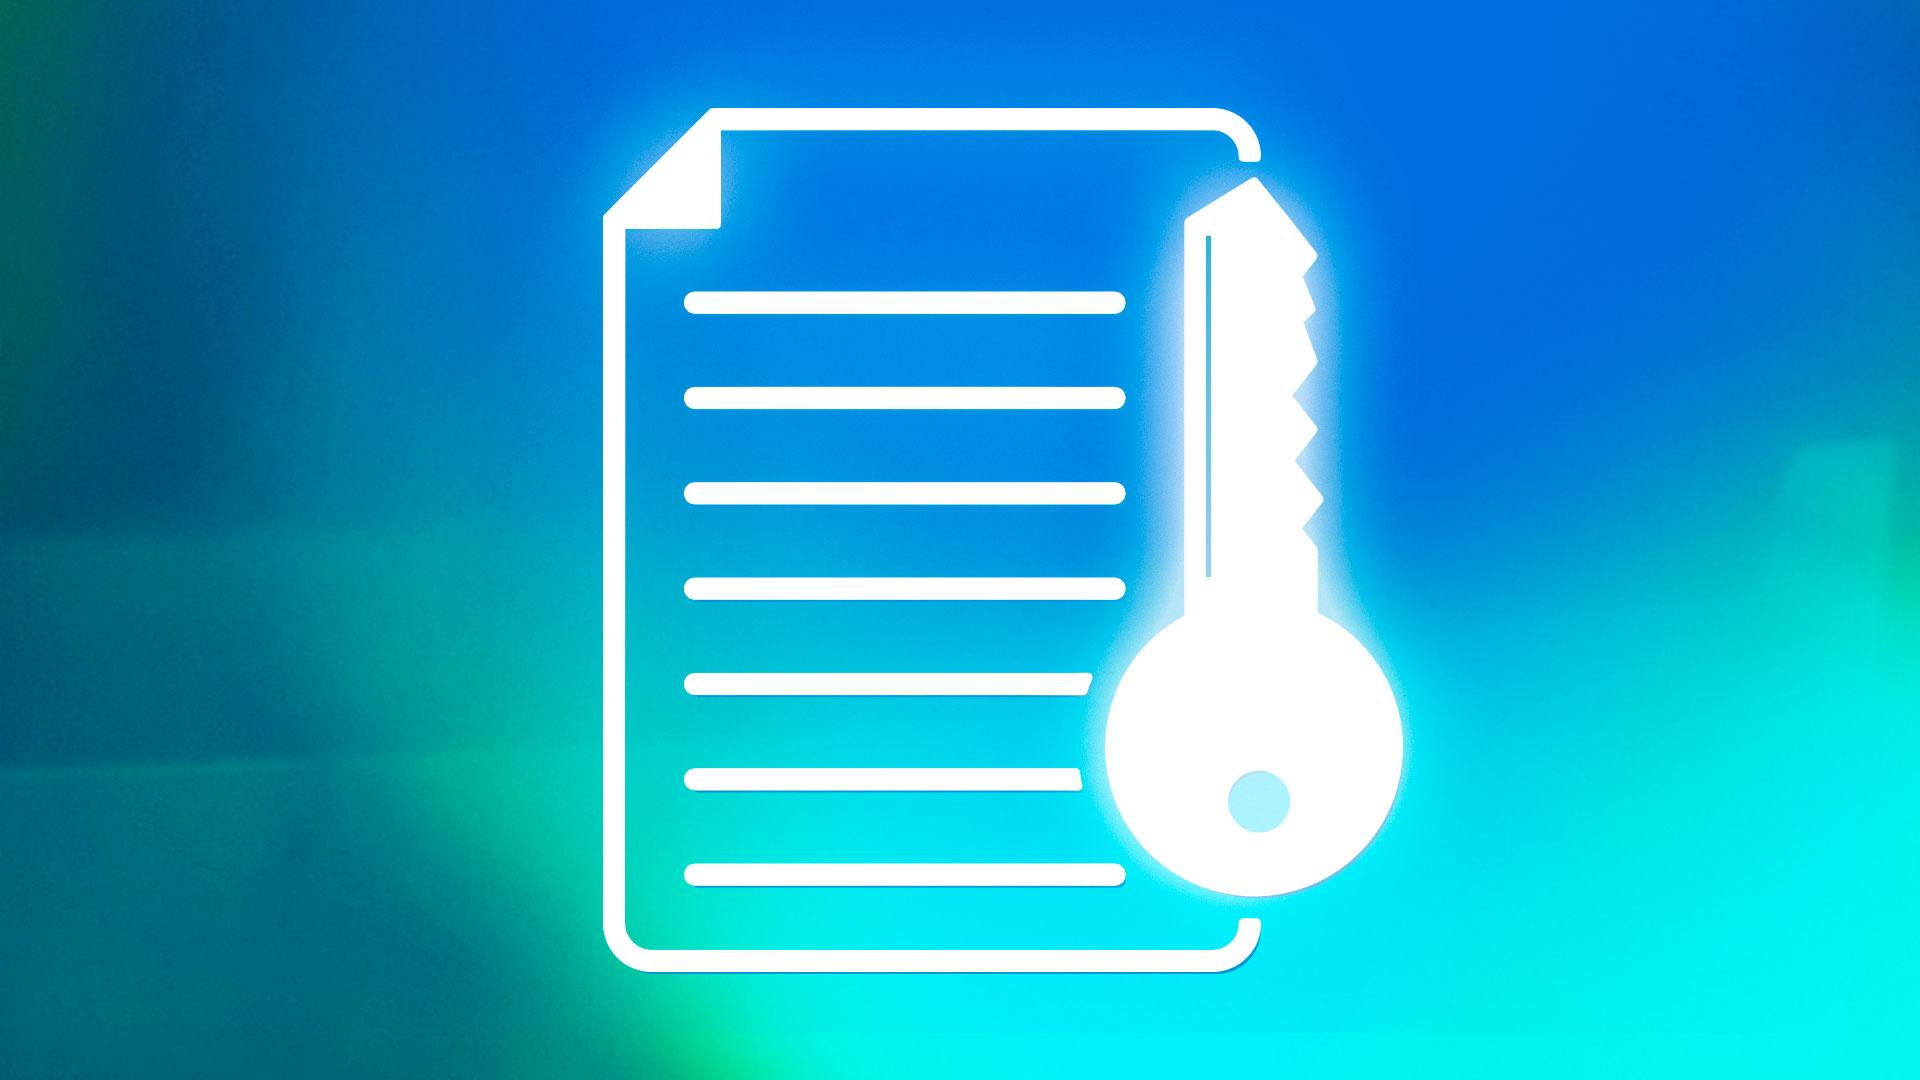 Sähköinen allekirjoitus on juridisesti täysin sitova tapa allekirjoittaa asiakirjoja